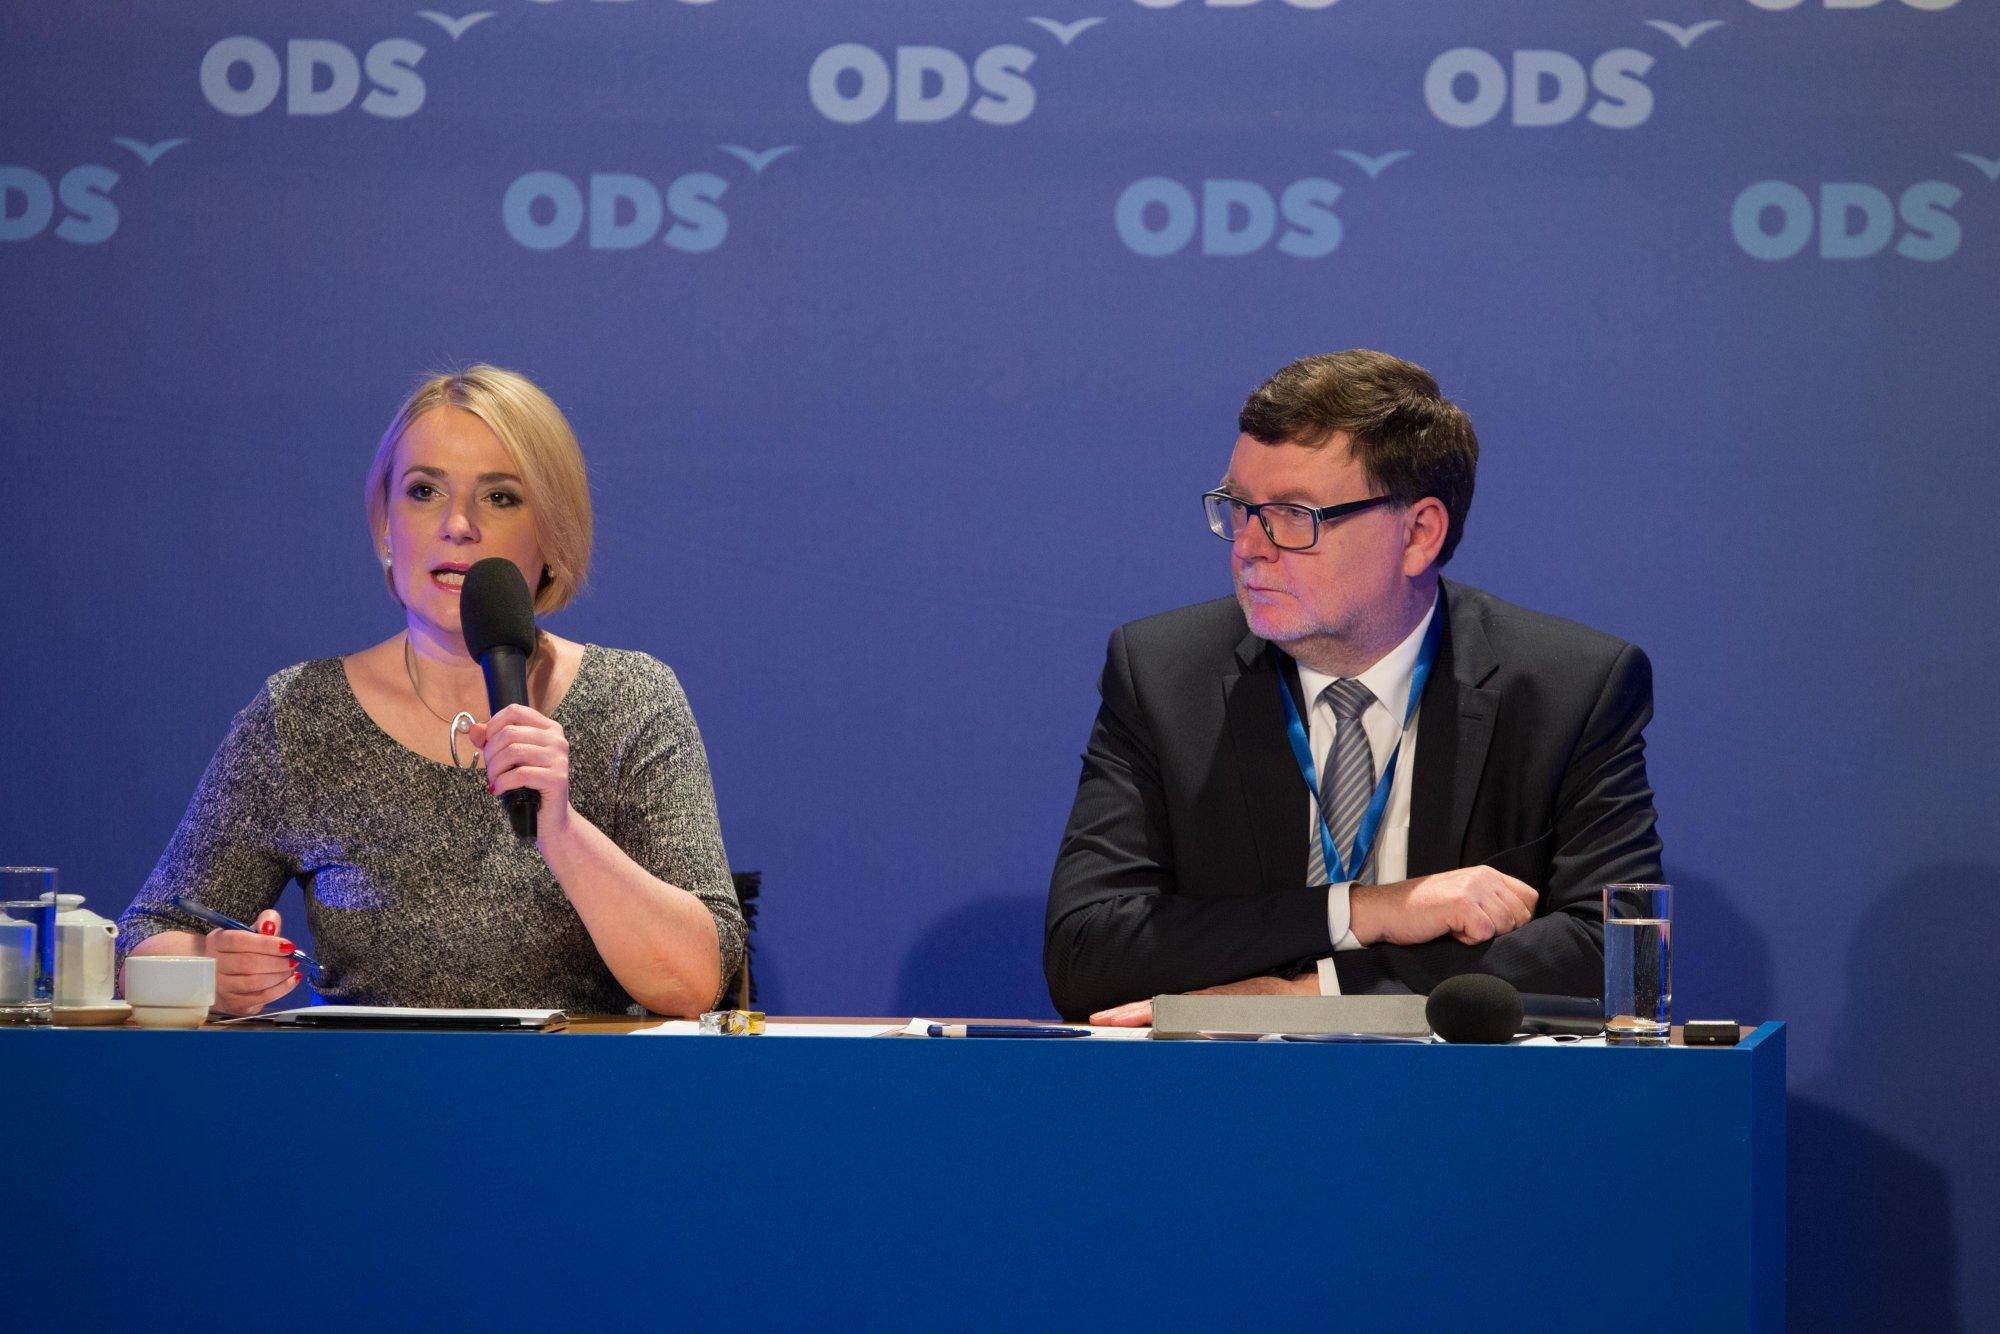 ODS: Sněmovna nepodpořila většinu programových návrhů ODS hlasy ANO, SPD a KSČM